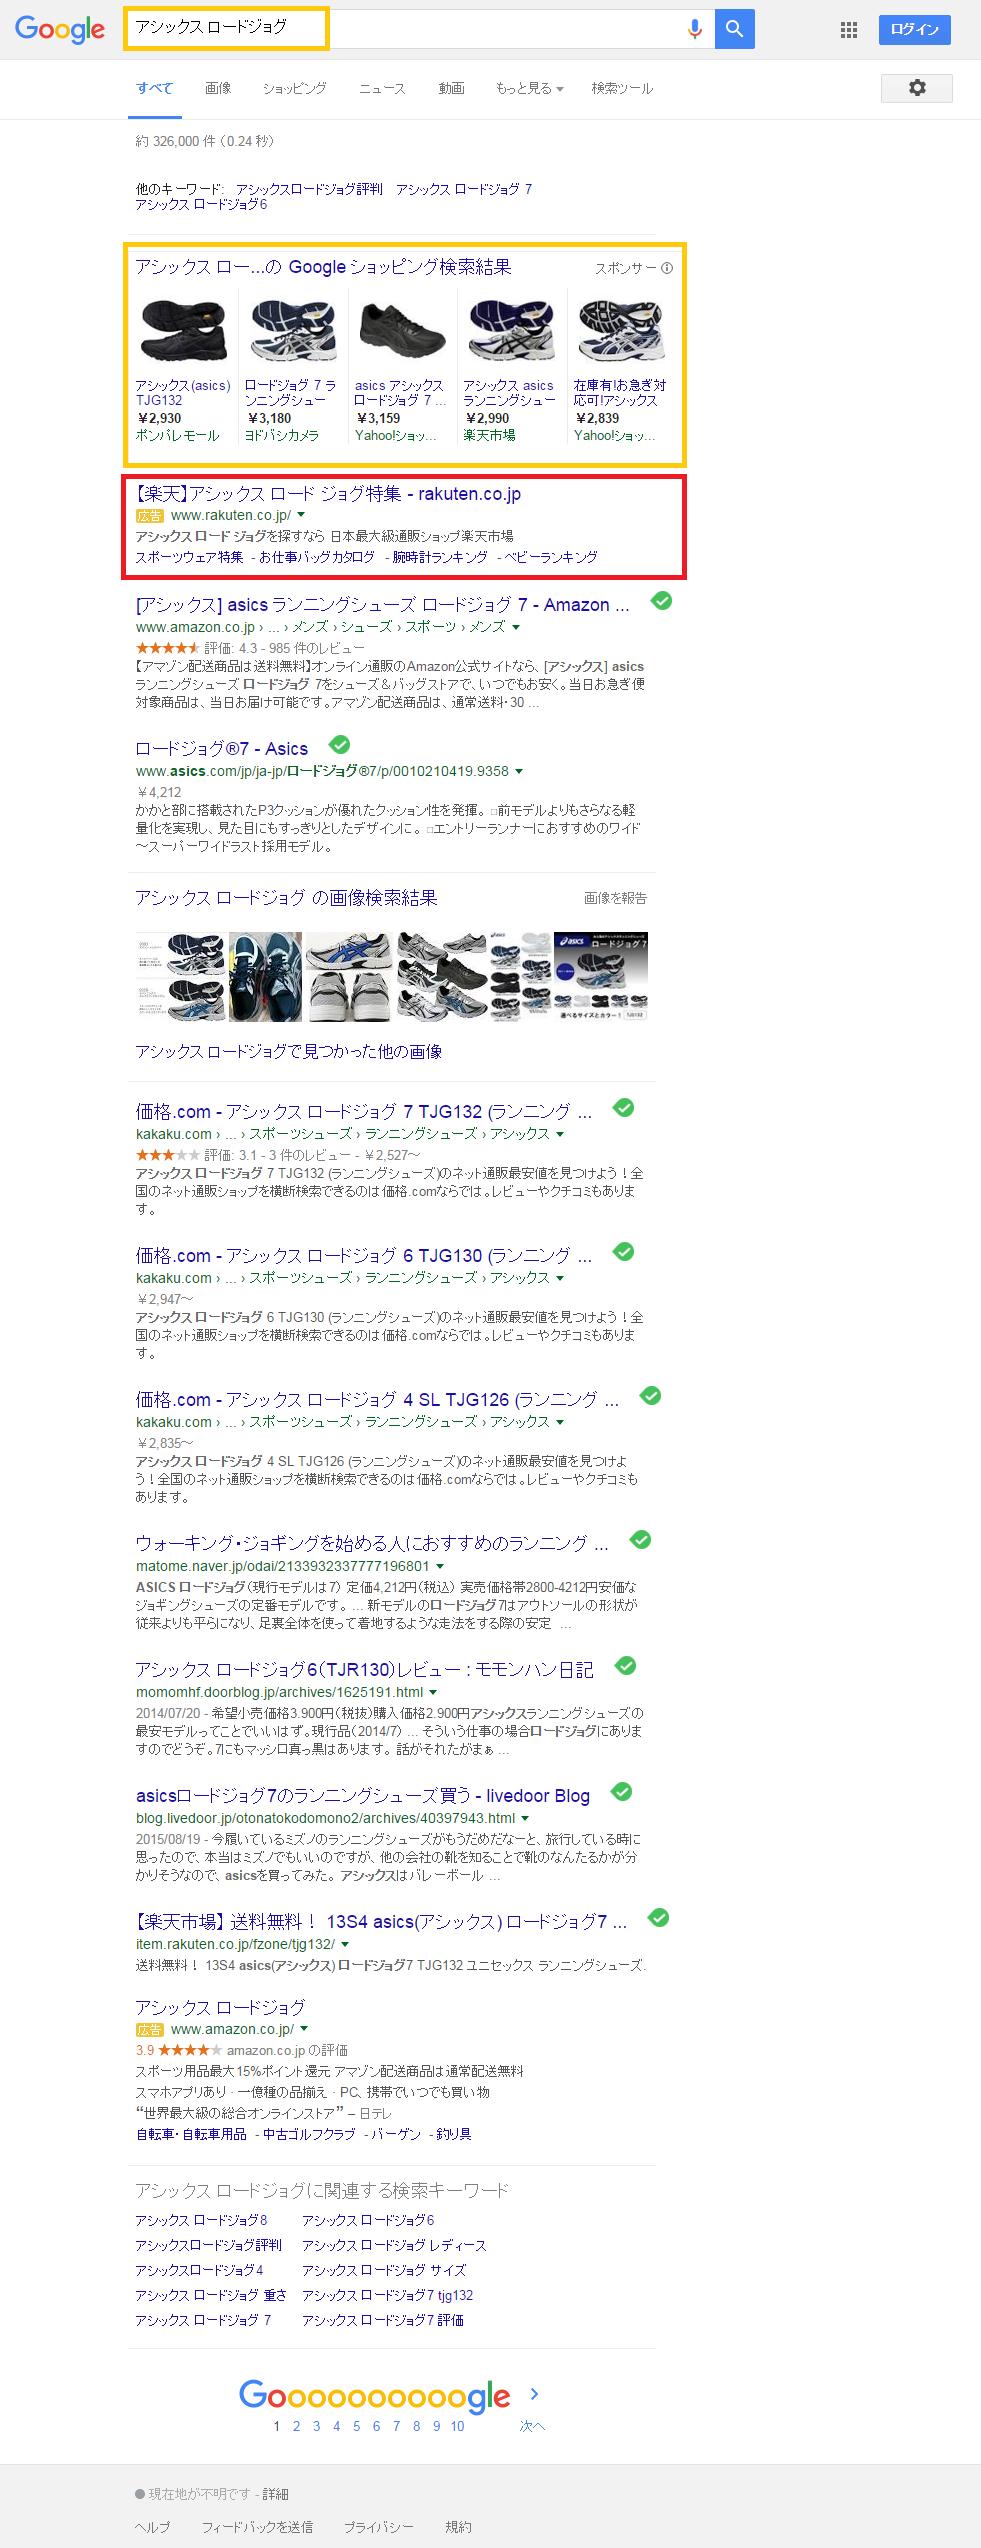 アシックス ロードジョグ   Google 検索.png